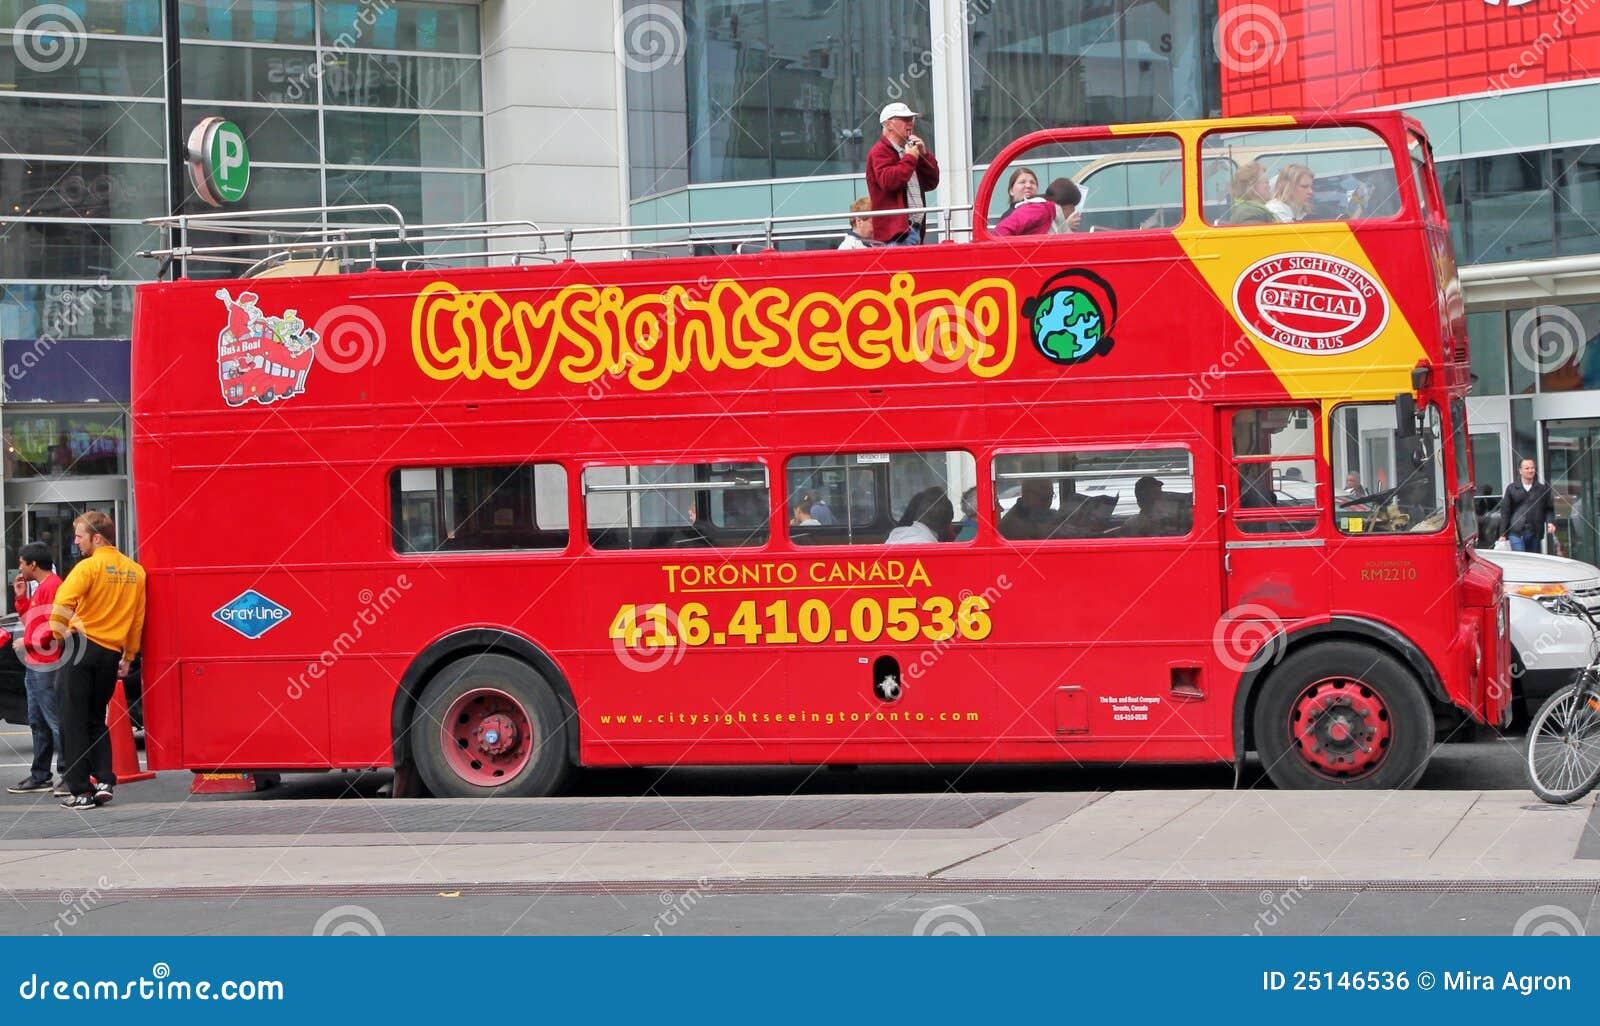 Toronto Double Decker Bus Tour